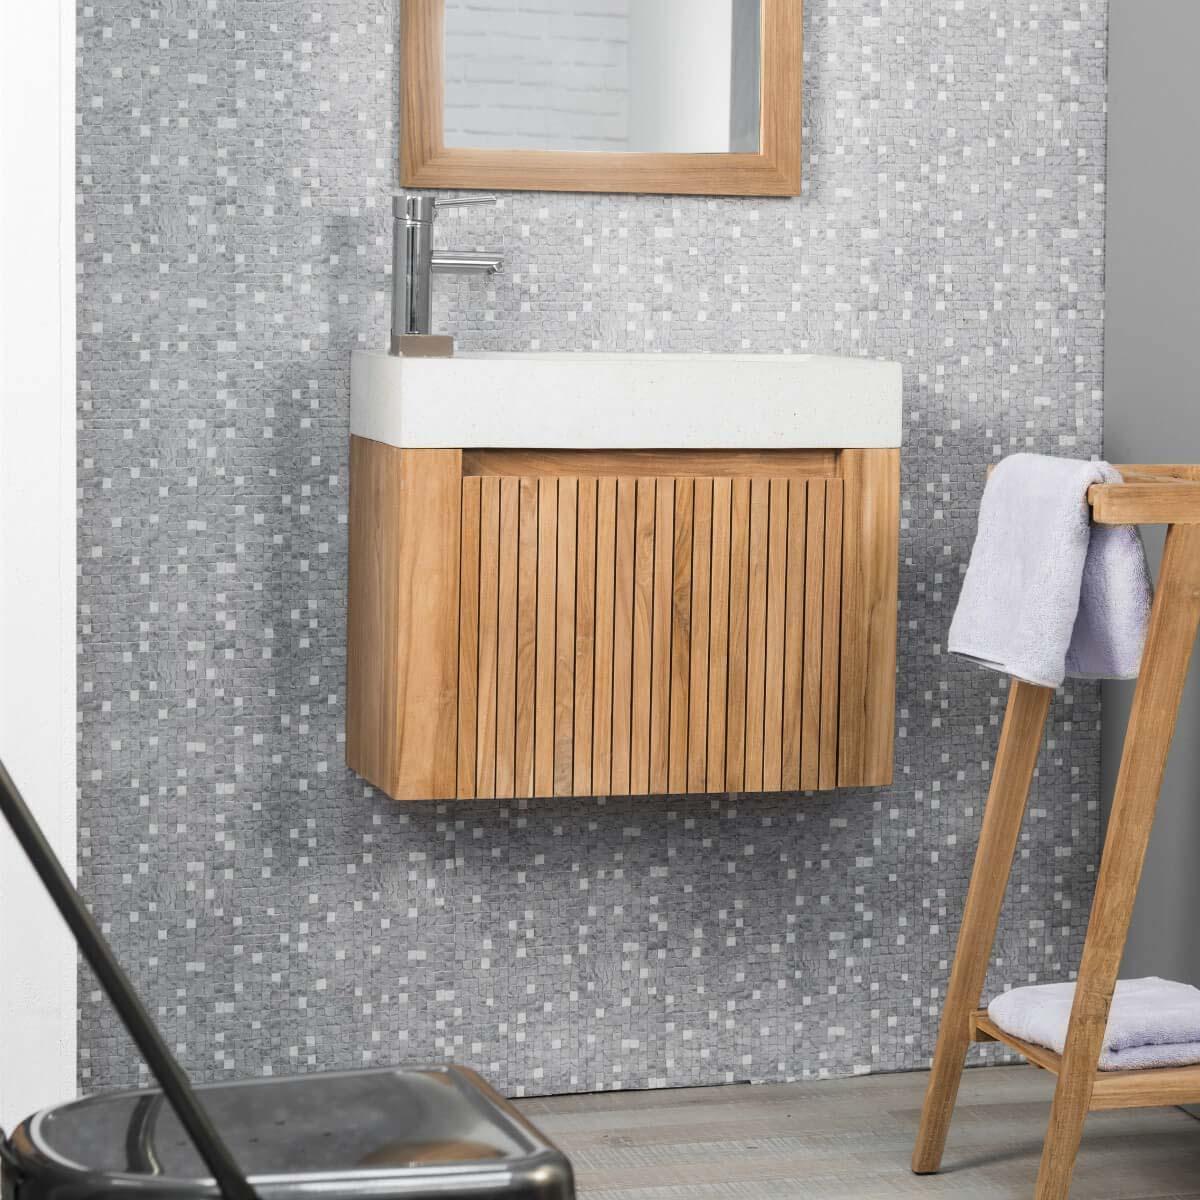 Meuble sous vasque simple vasque suspendu en bois teck for Meuble salle de bain suspendu blanc